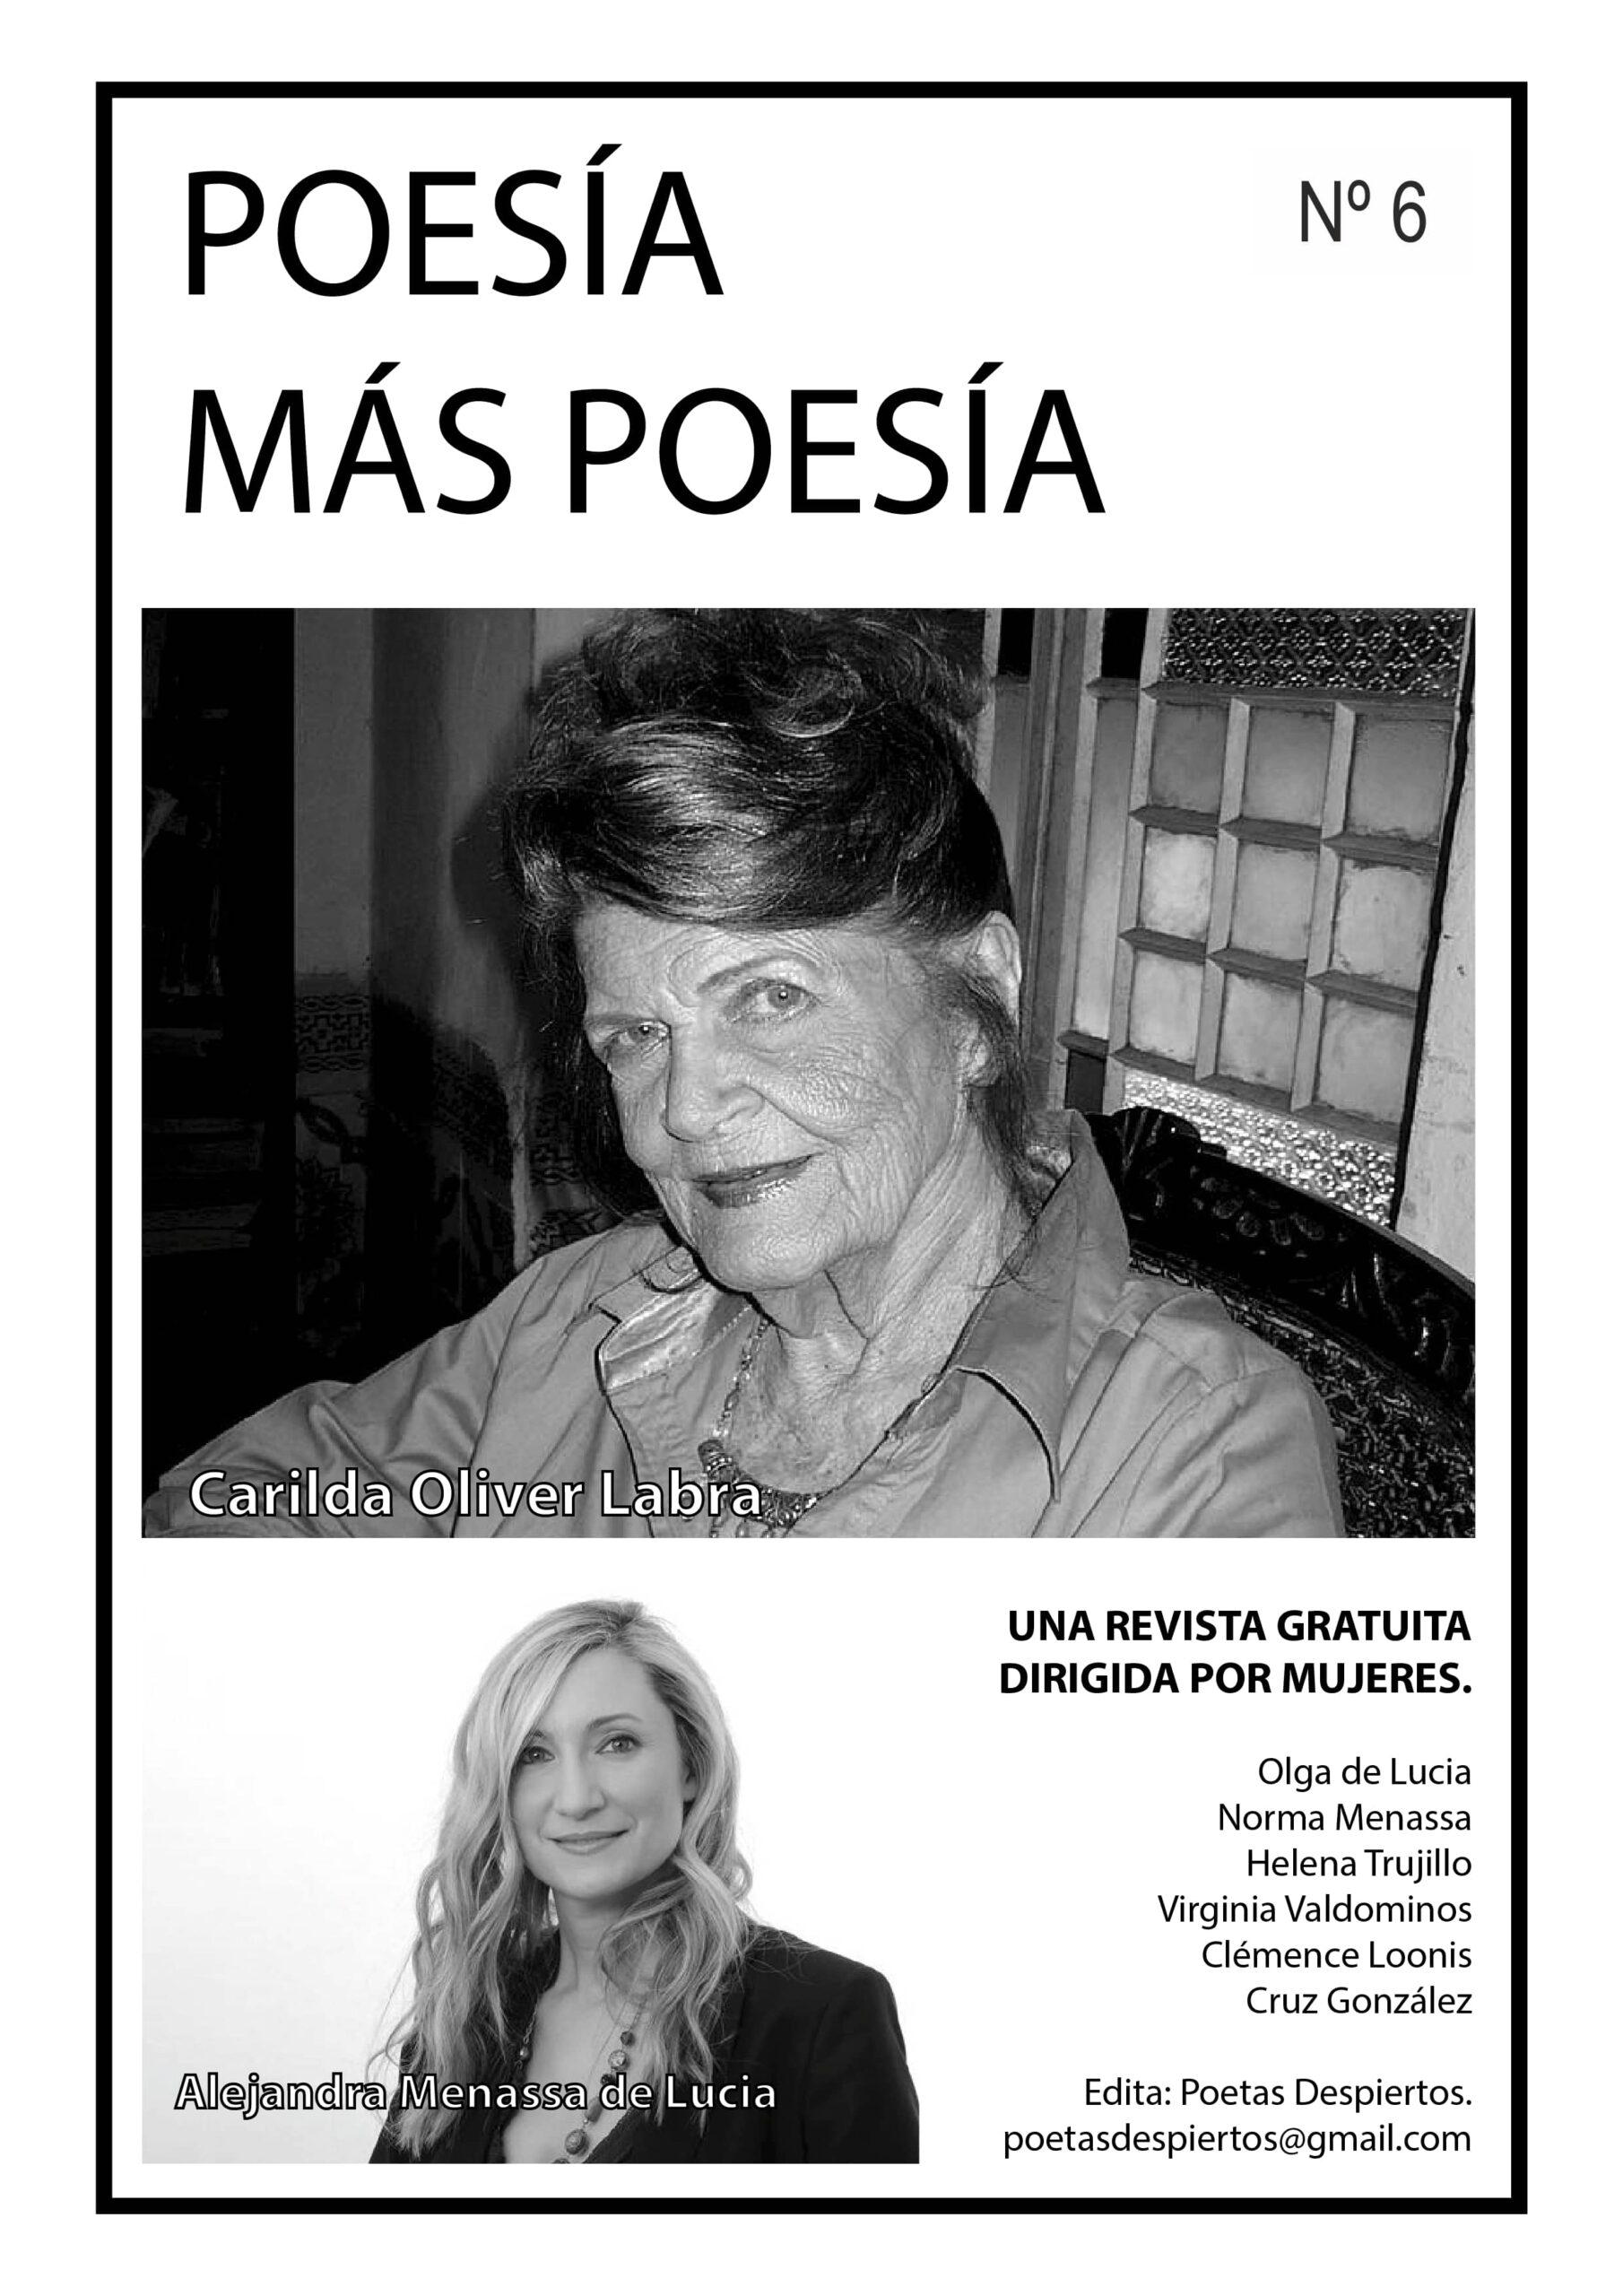 Revista de poesía dedicada a la poeta cubana Carilda Oliver Labra